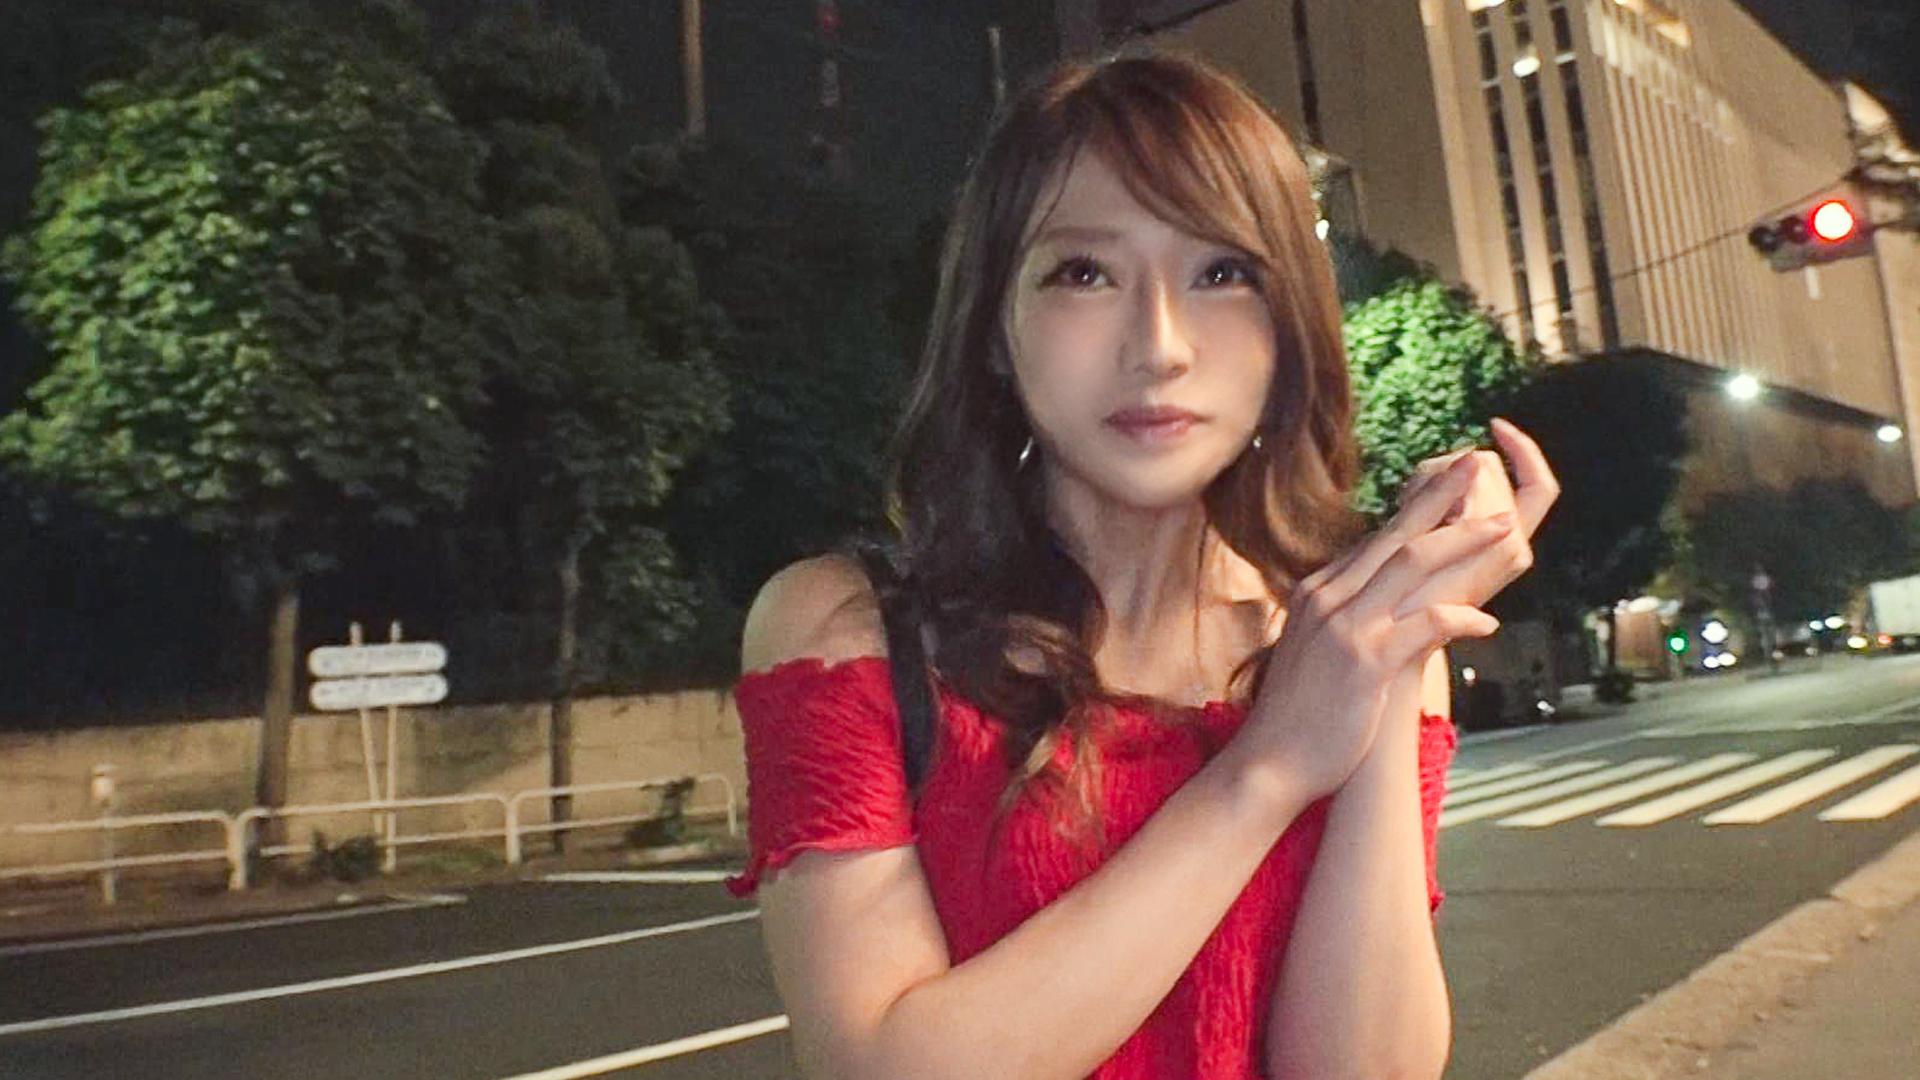 「MGS独占セール10/18まで!!」ハメ撮りに挑戦したS級素人娘さんの映像。・12枚目